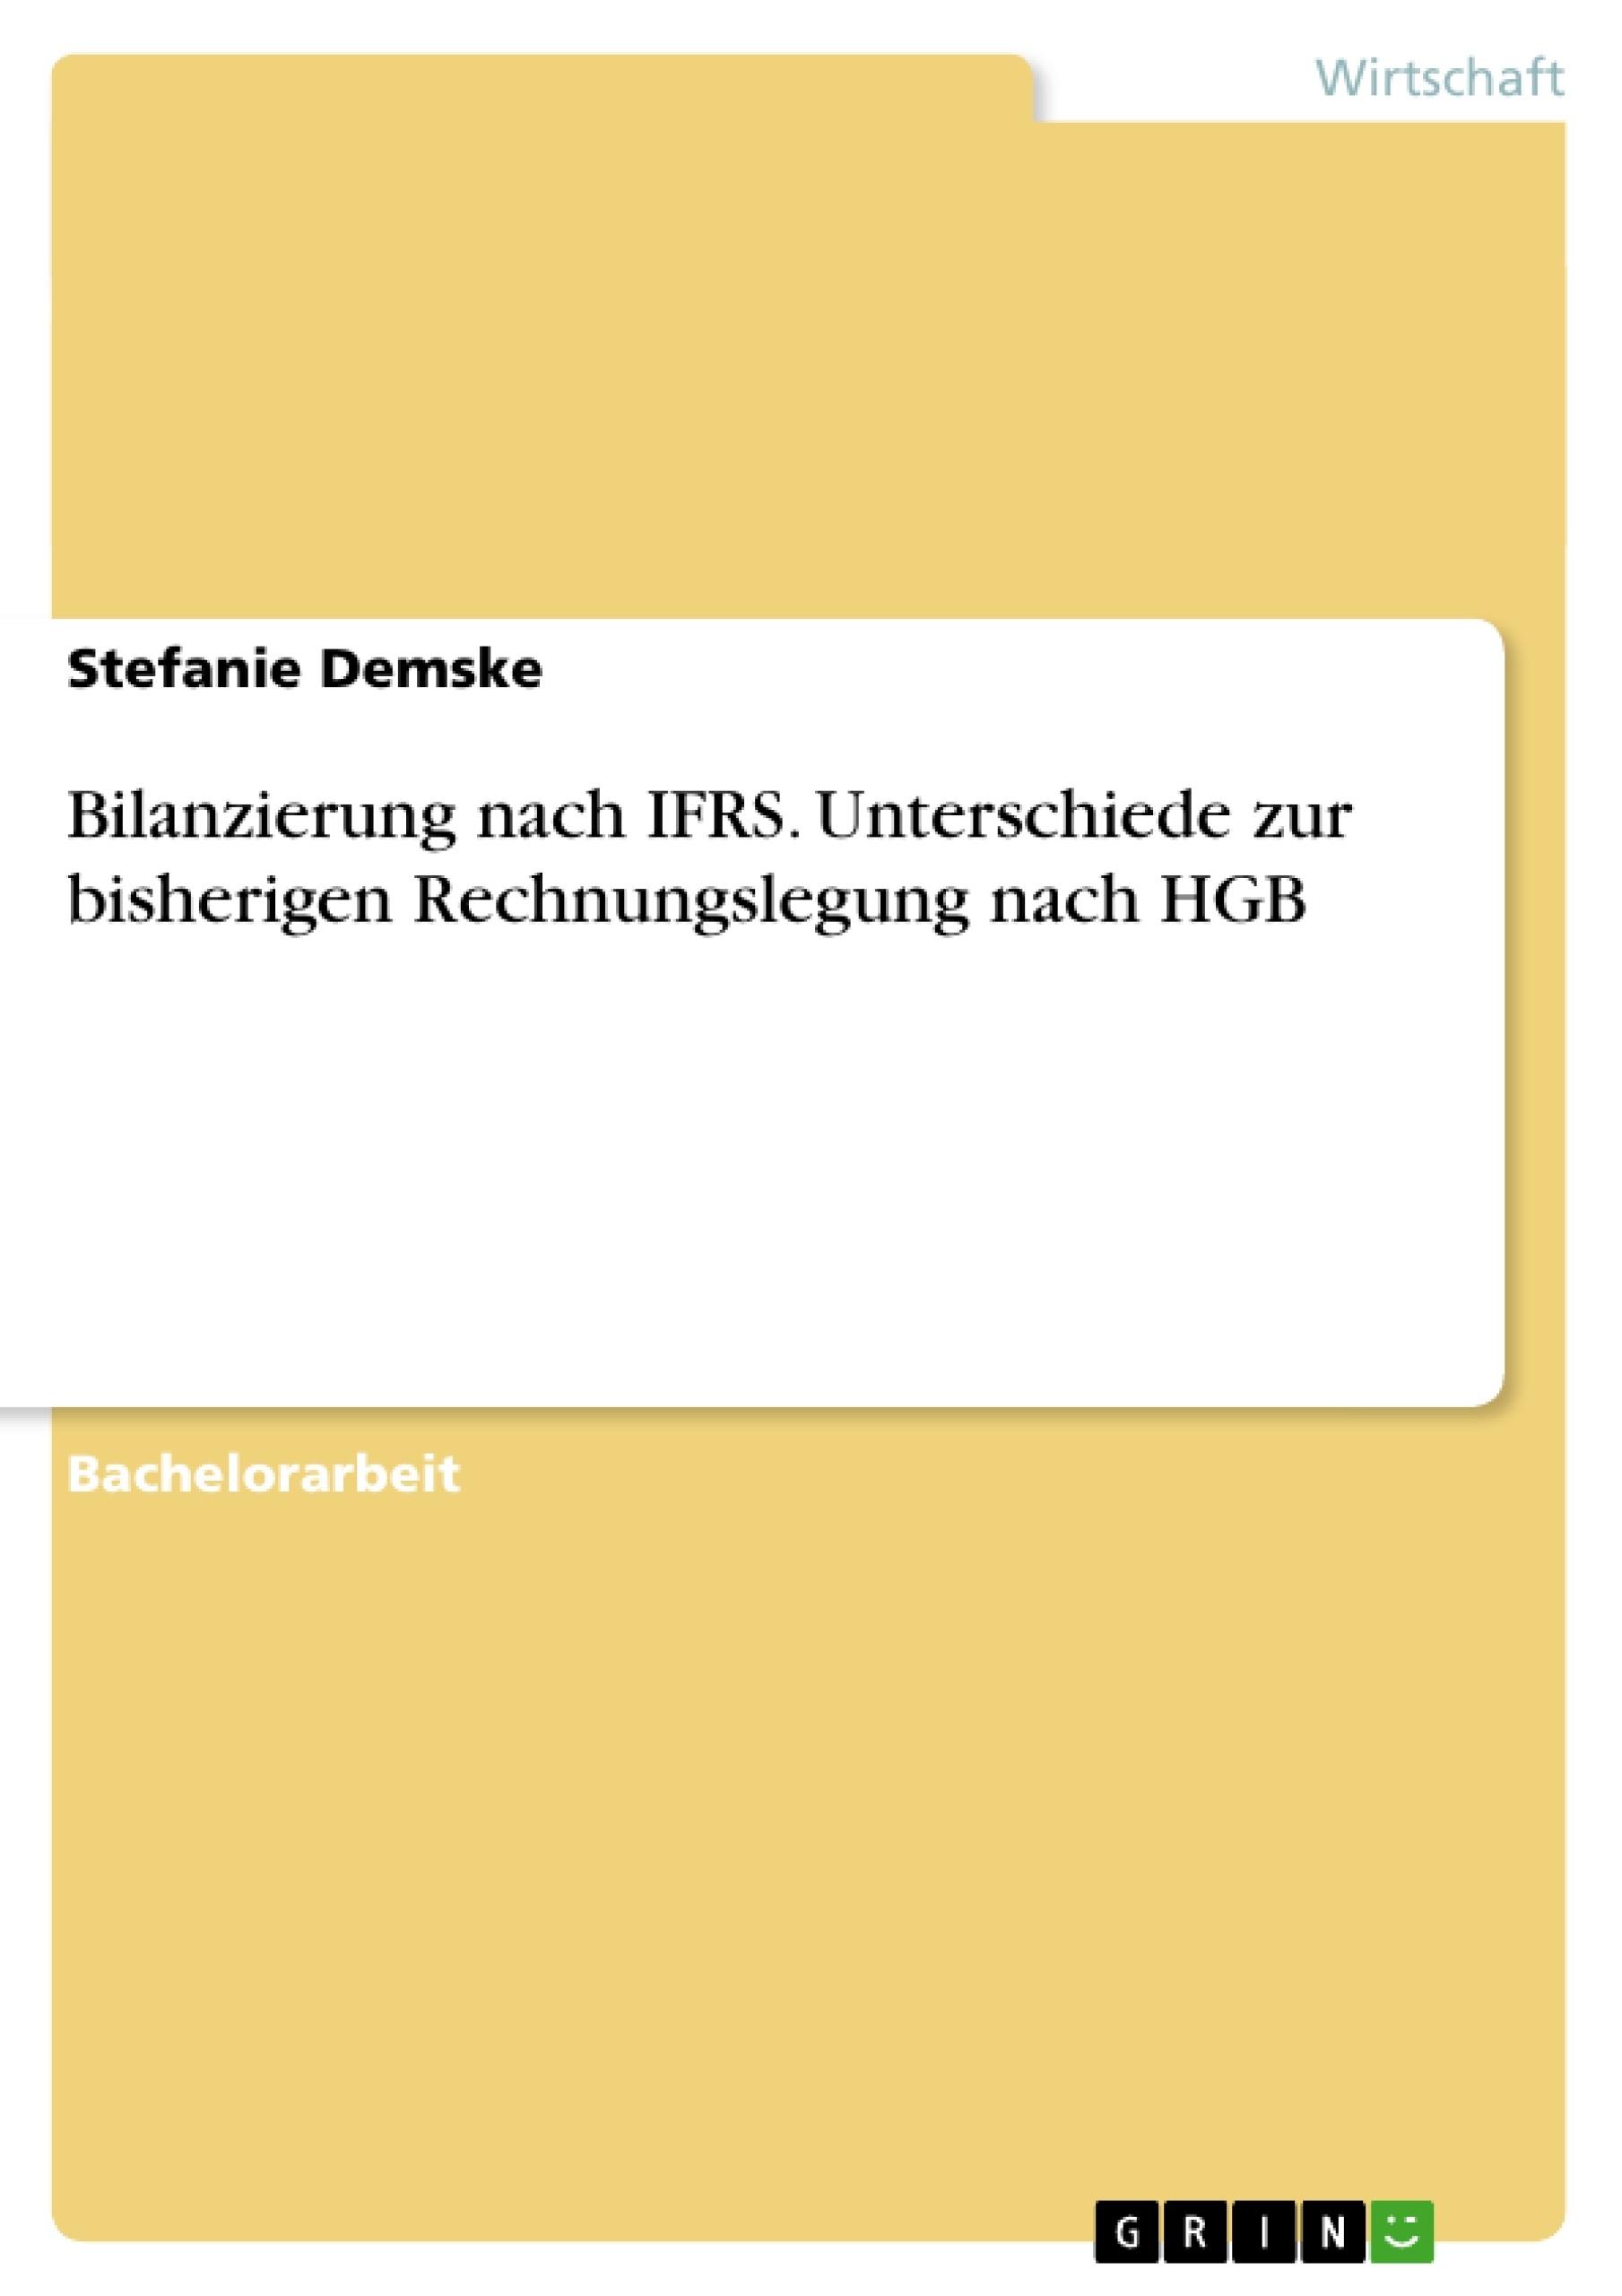 Titel: Bilanzierung nach IFRS. Unterschiede zur bisherigen Rechnungslegung nach HGB